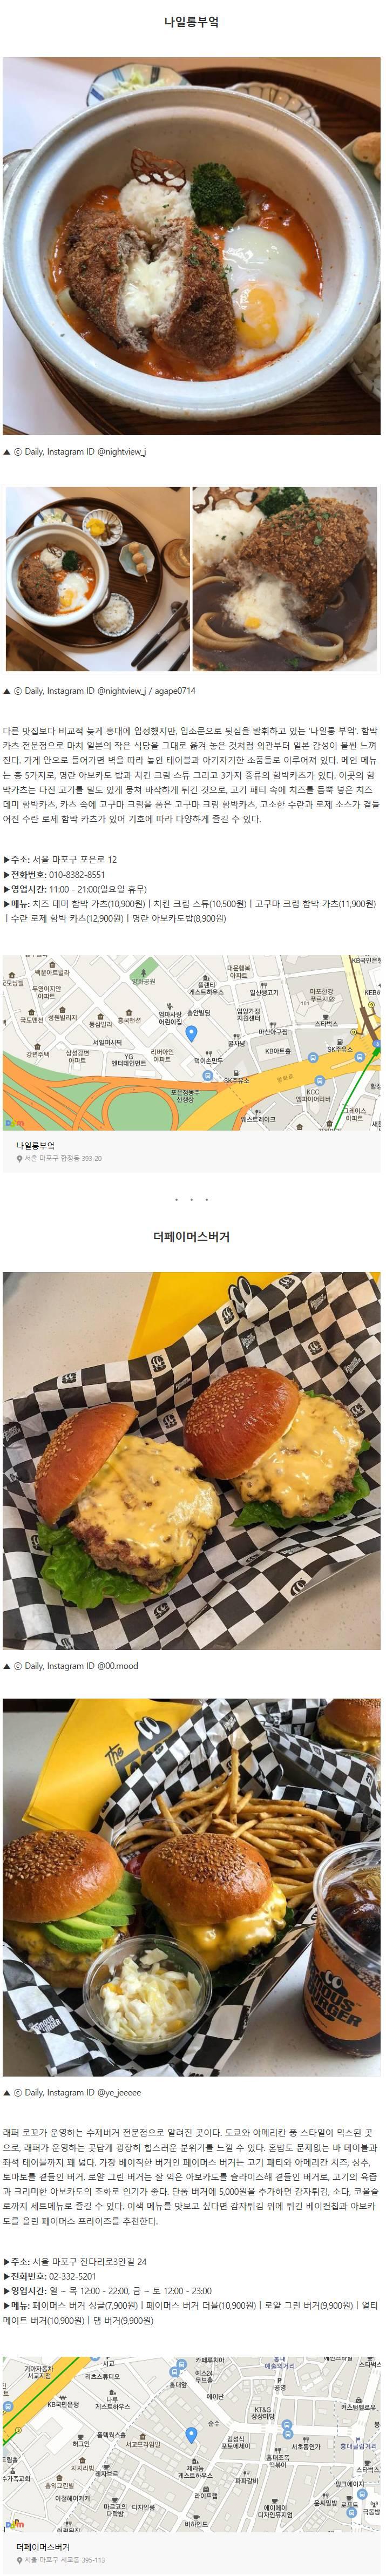 맛과 가격 다 잡은 홍대 맛집 베스트 10 | 인스티즈